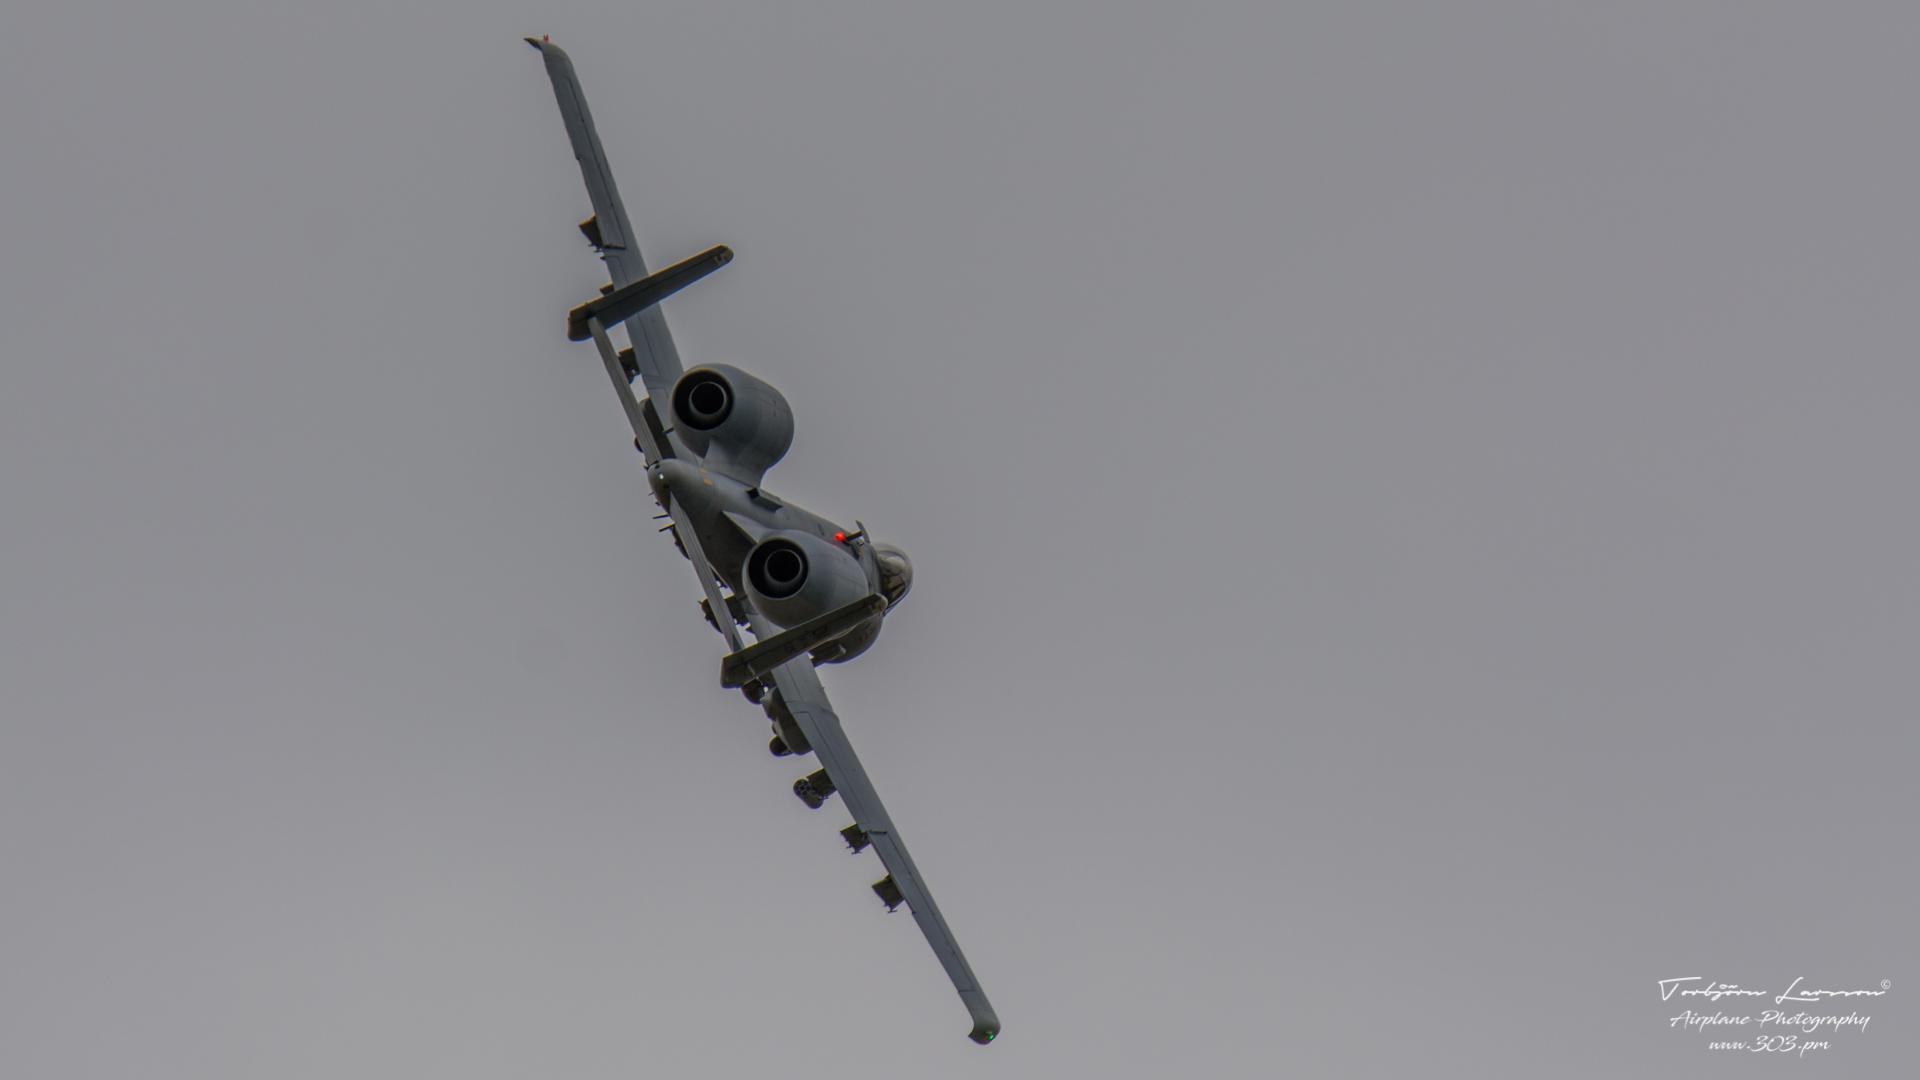 Radiostyrt - Arve Jensen - Fairchild-Republic A-10 Thunderbolt II